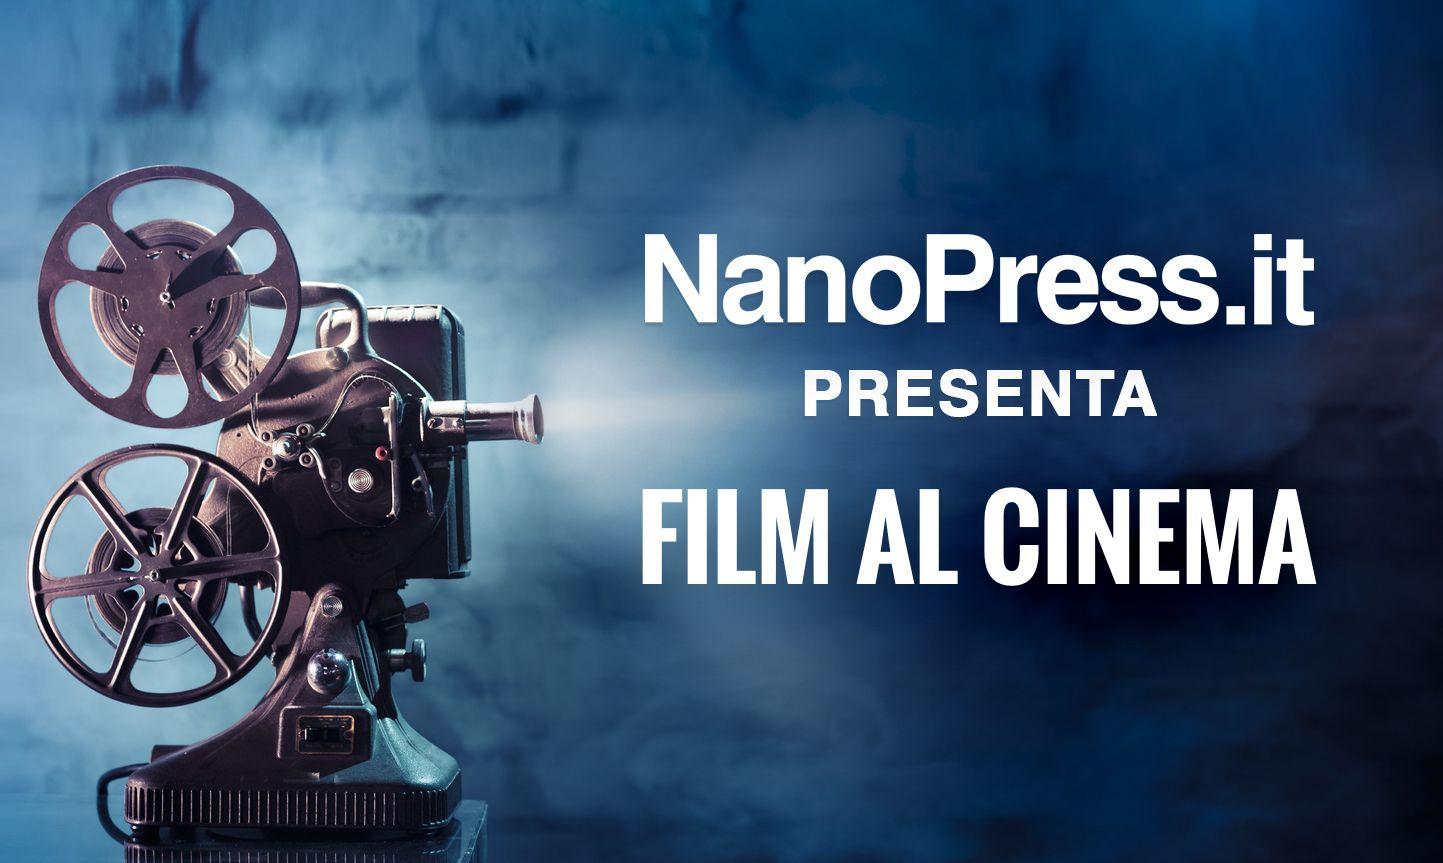 Film in uscita dall'8 al 15 giugno: fra il debutto alla regia di Natalie Portman e il ritorno di Tom Cruise